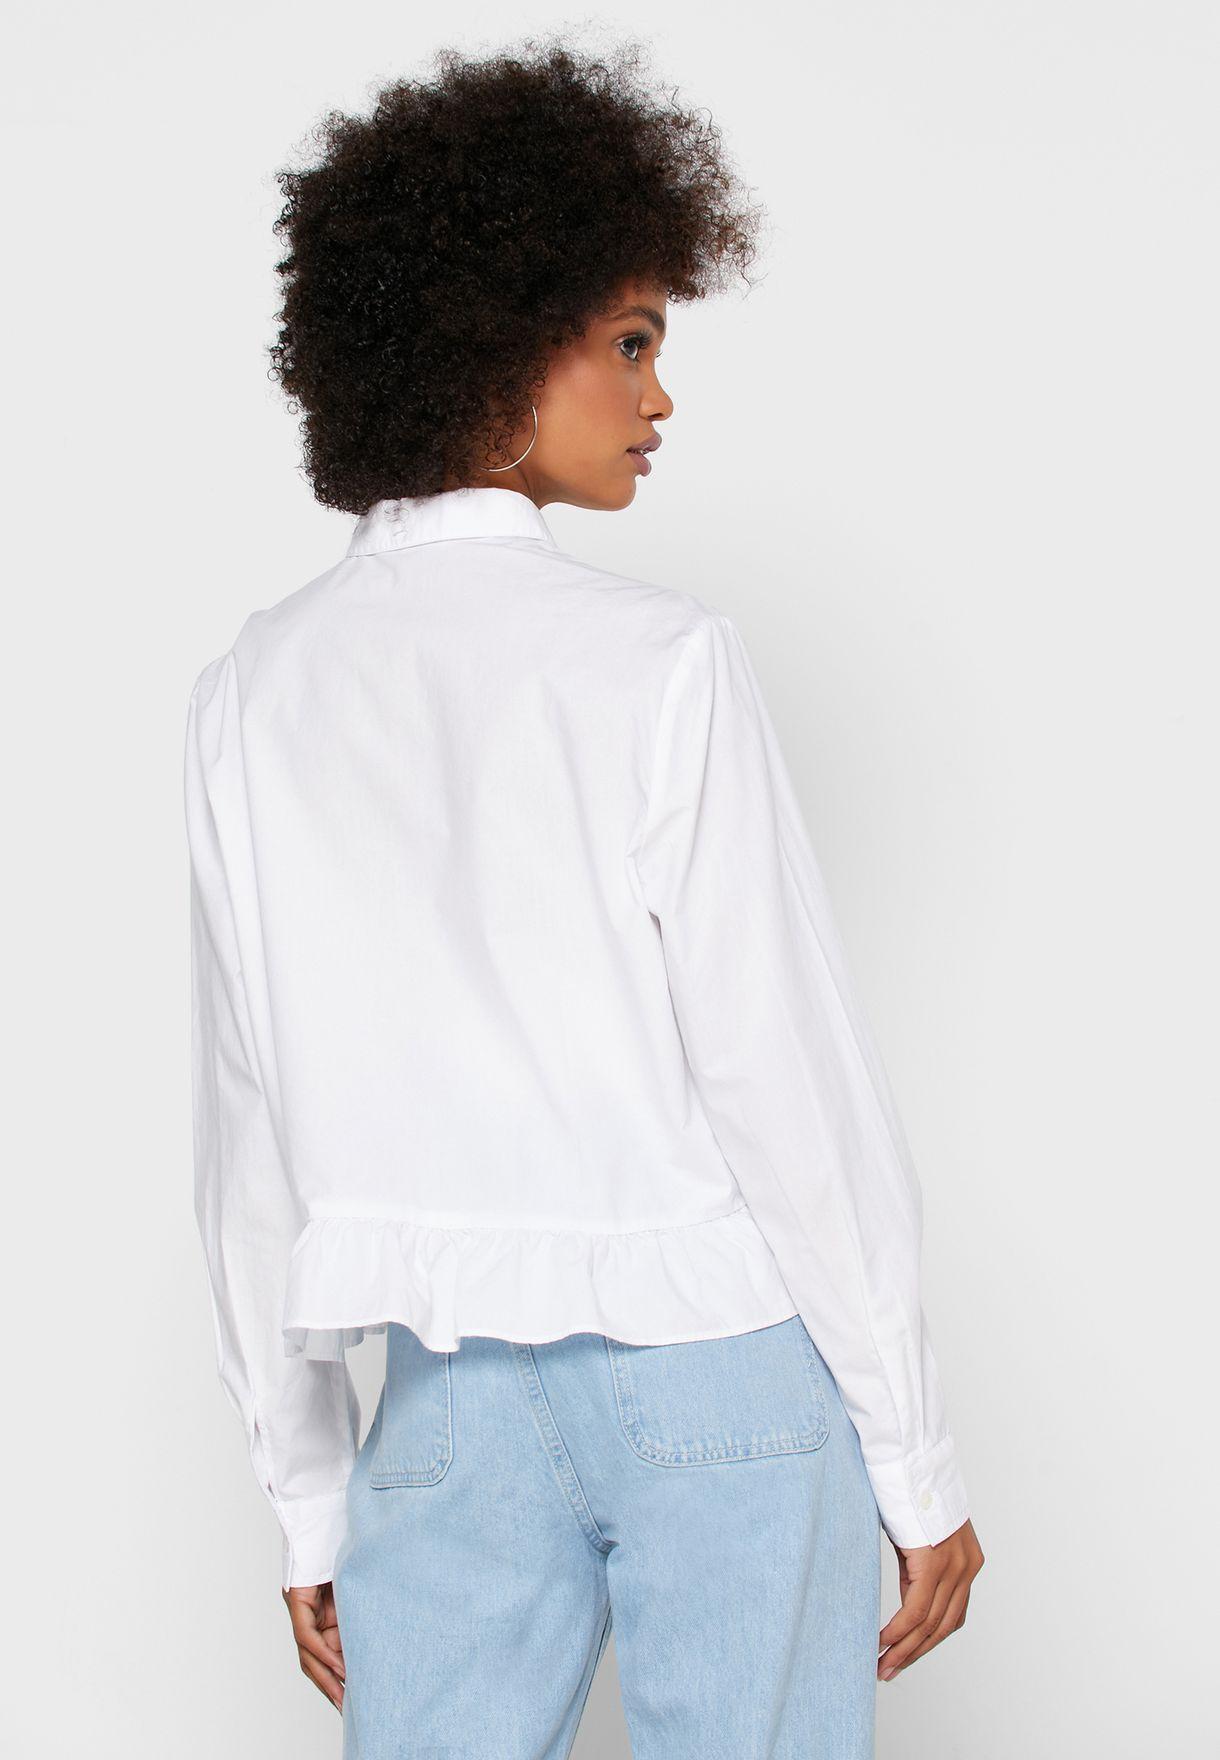 قميص مكشكش الاطراف